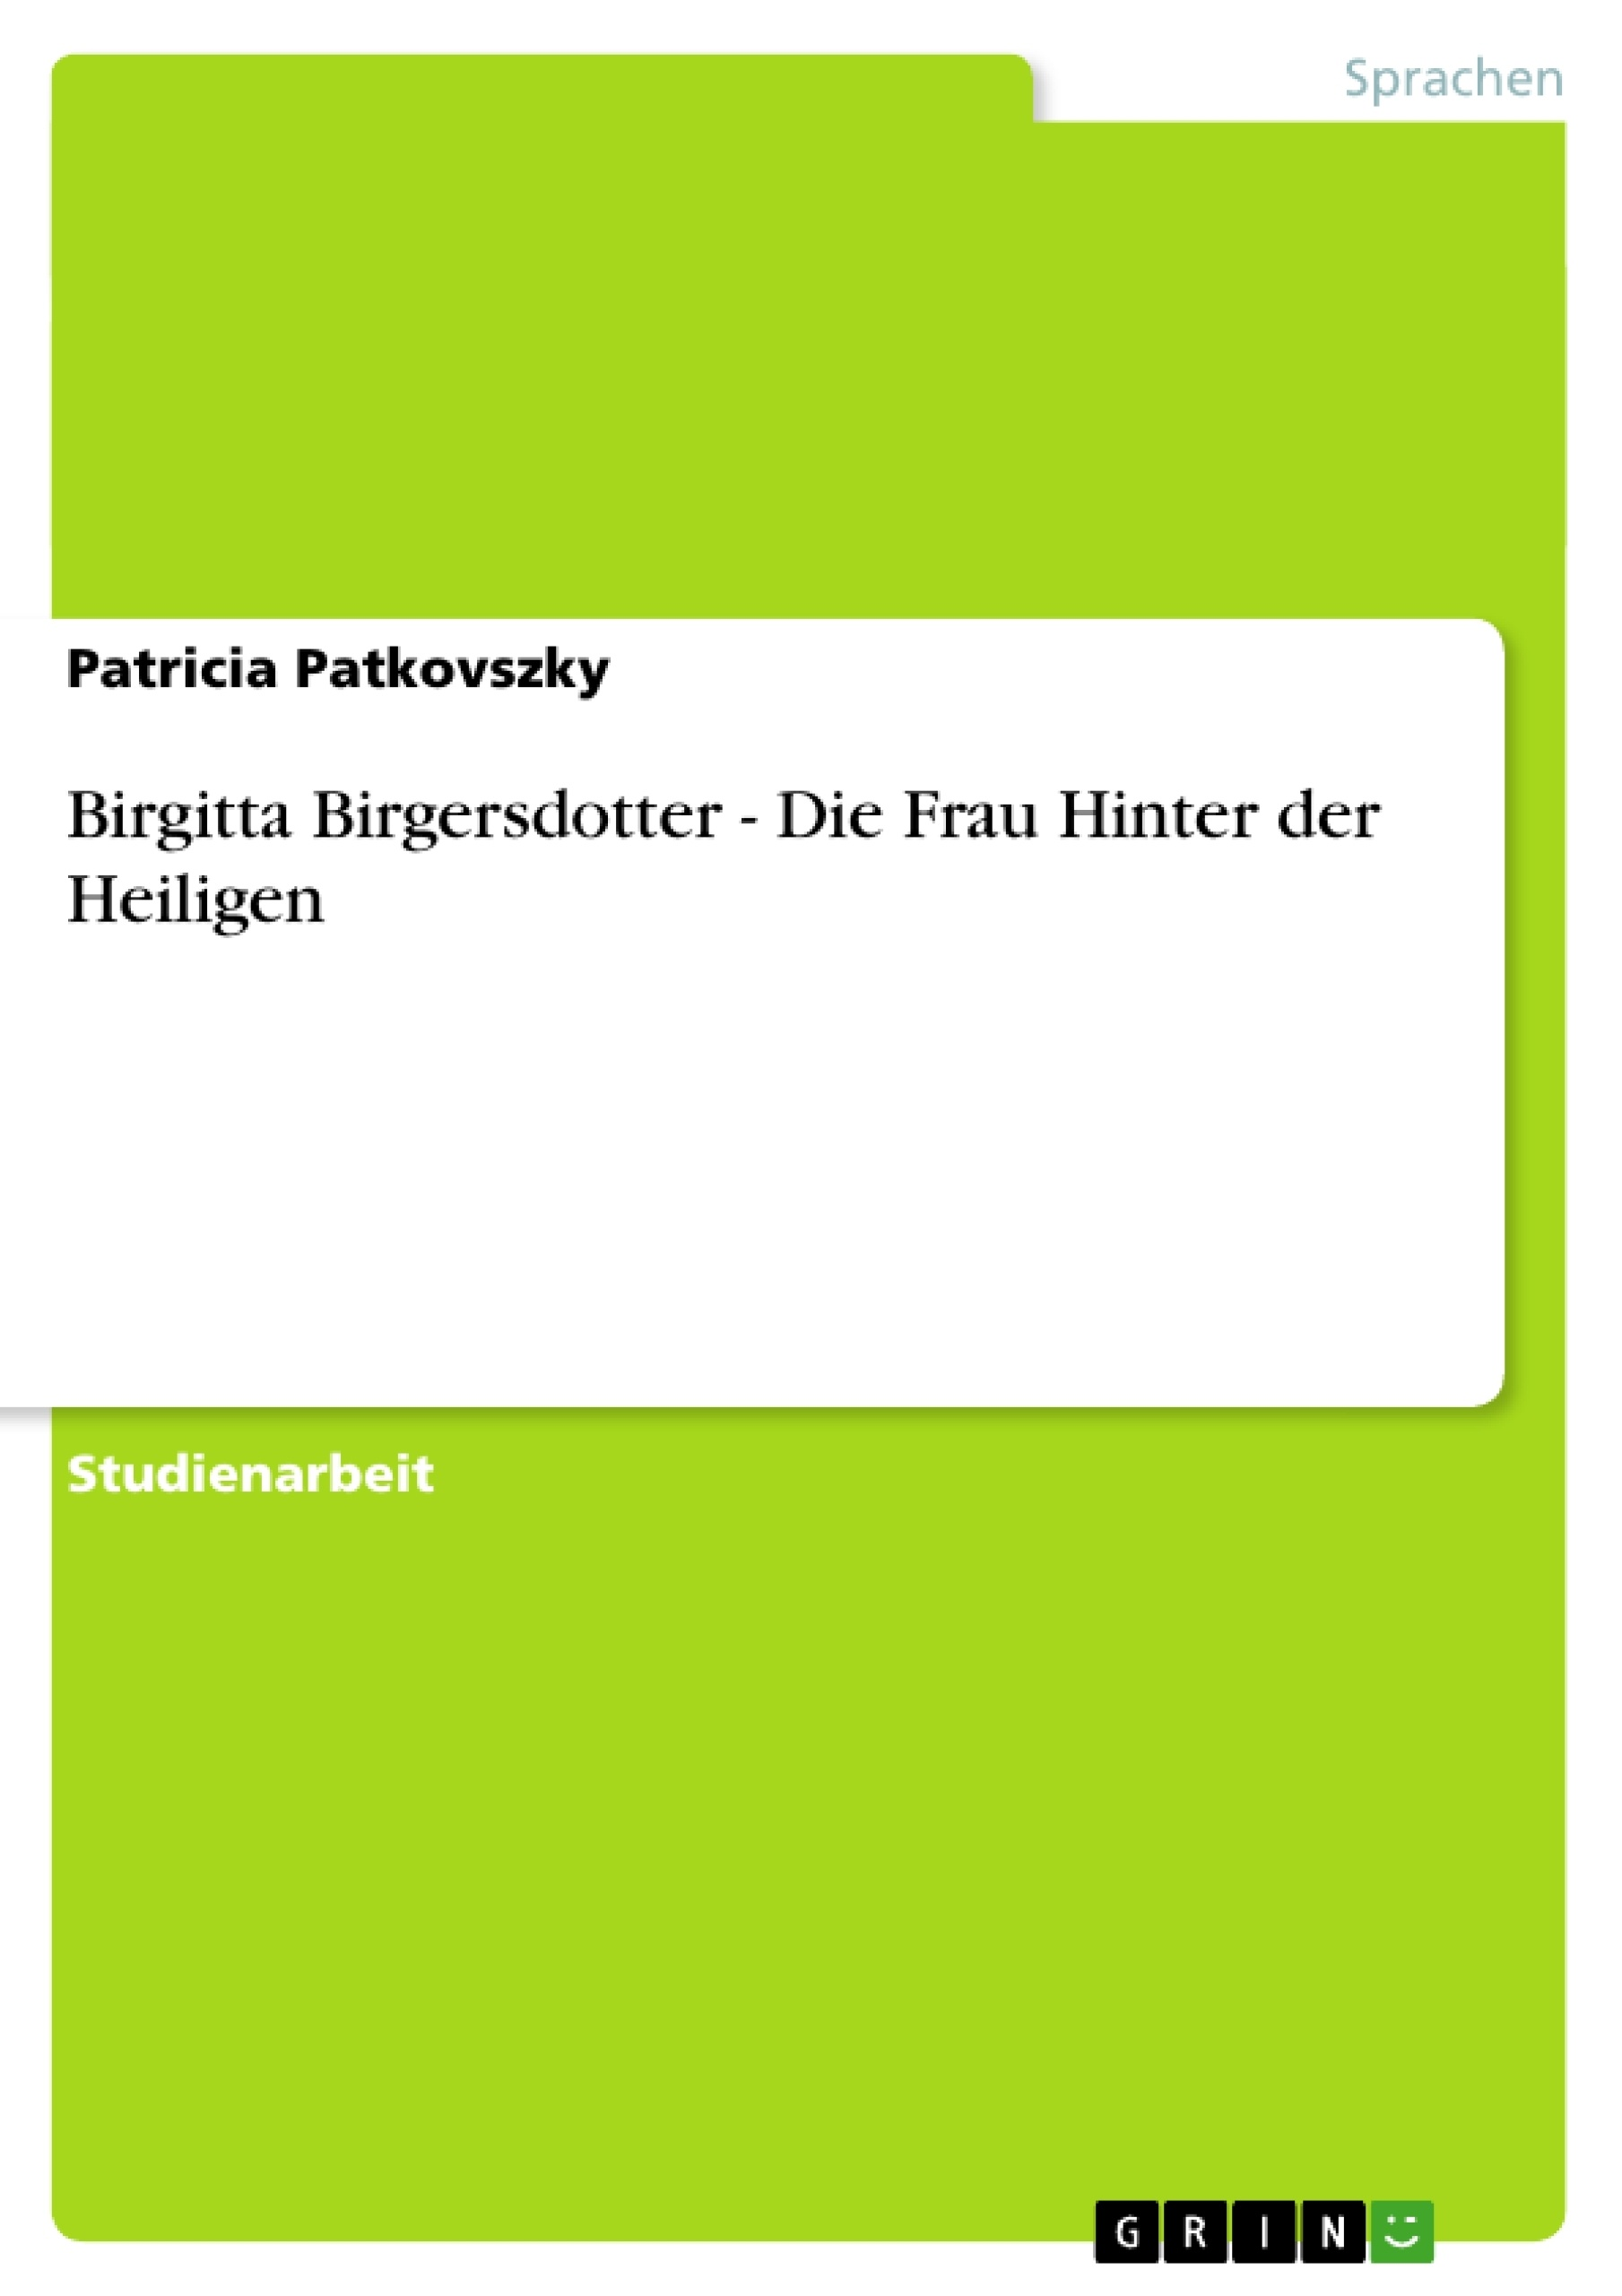 Titel: Birgitta Birgersdotter - Die Frau Hinter der Heiligen